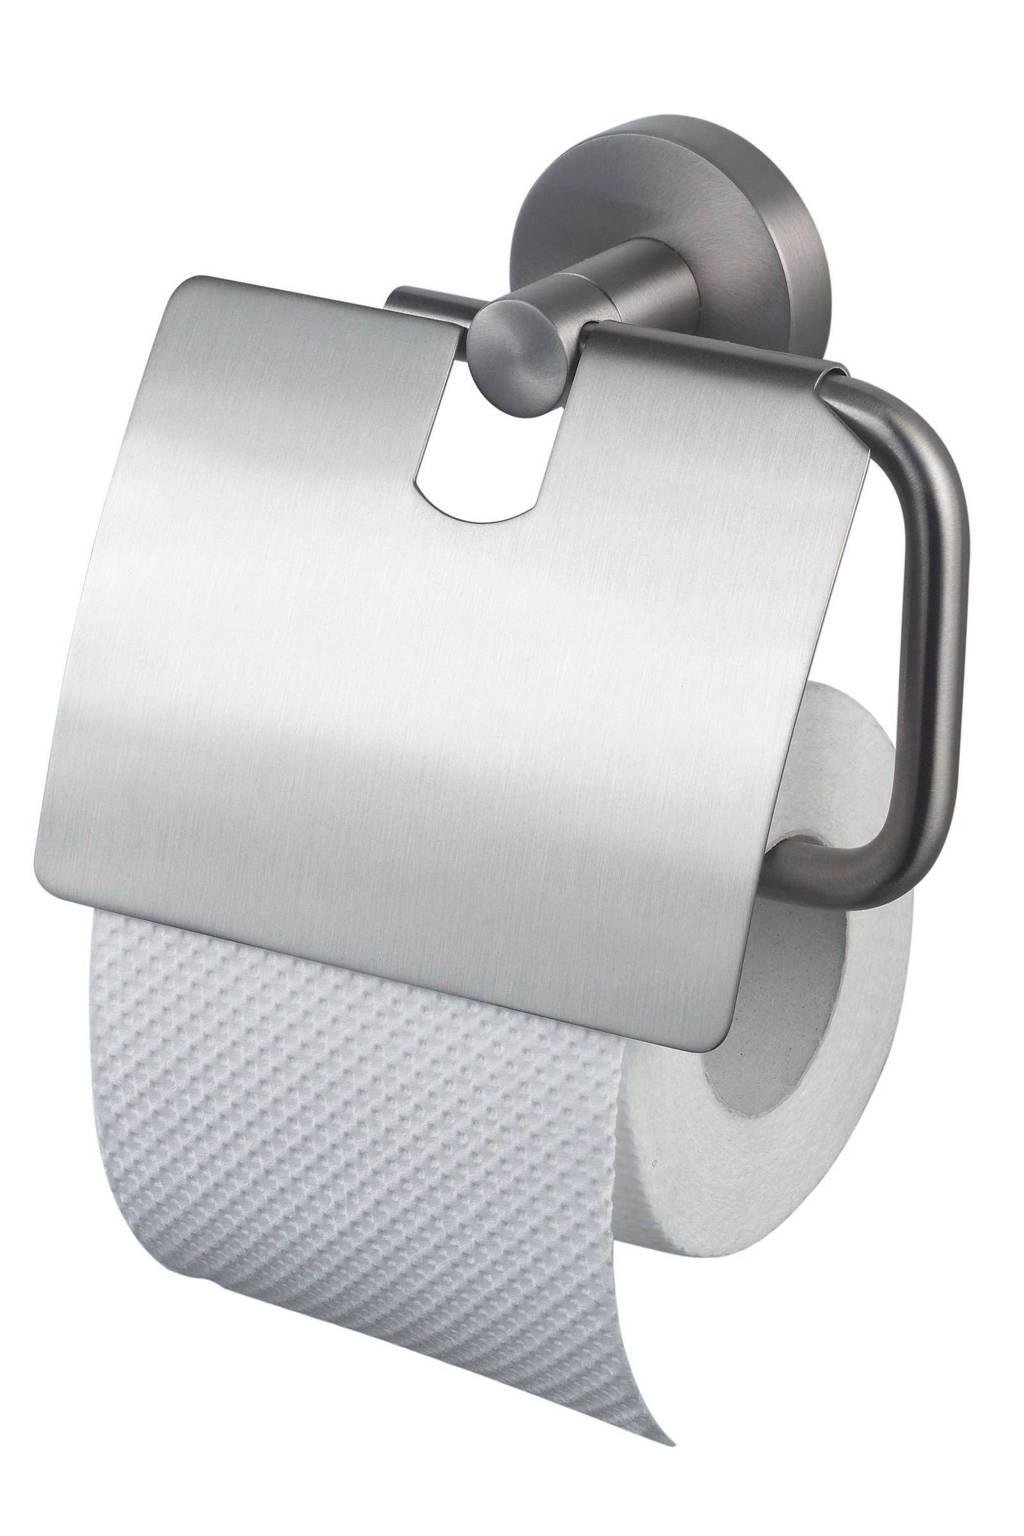 Haceka Kosmos TEC toiletrolhouder met klep, Roestvrijstaal